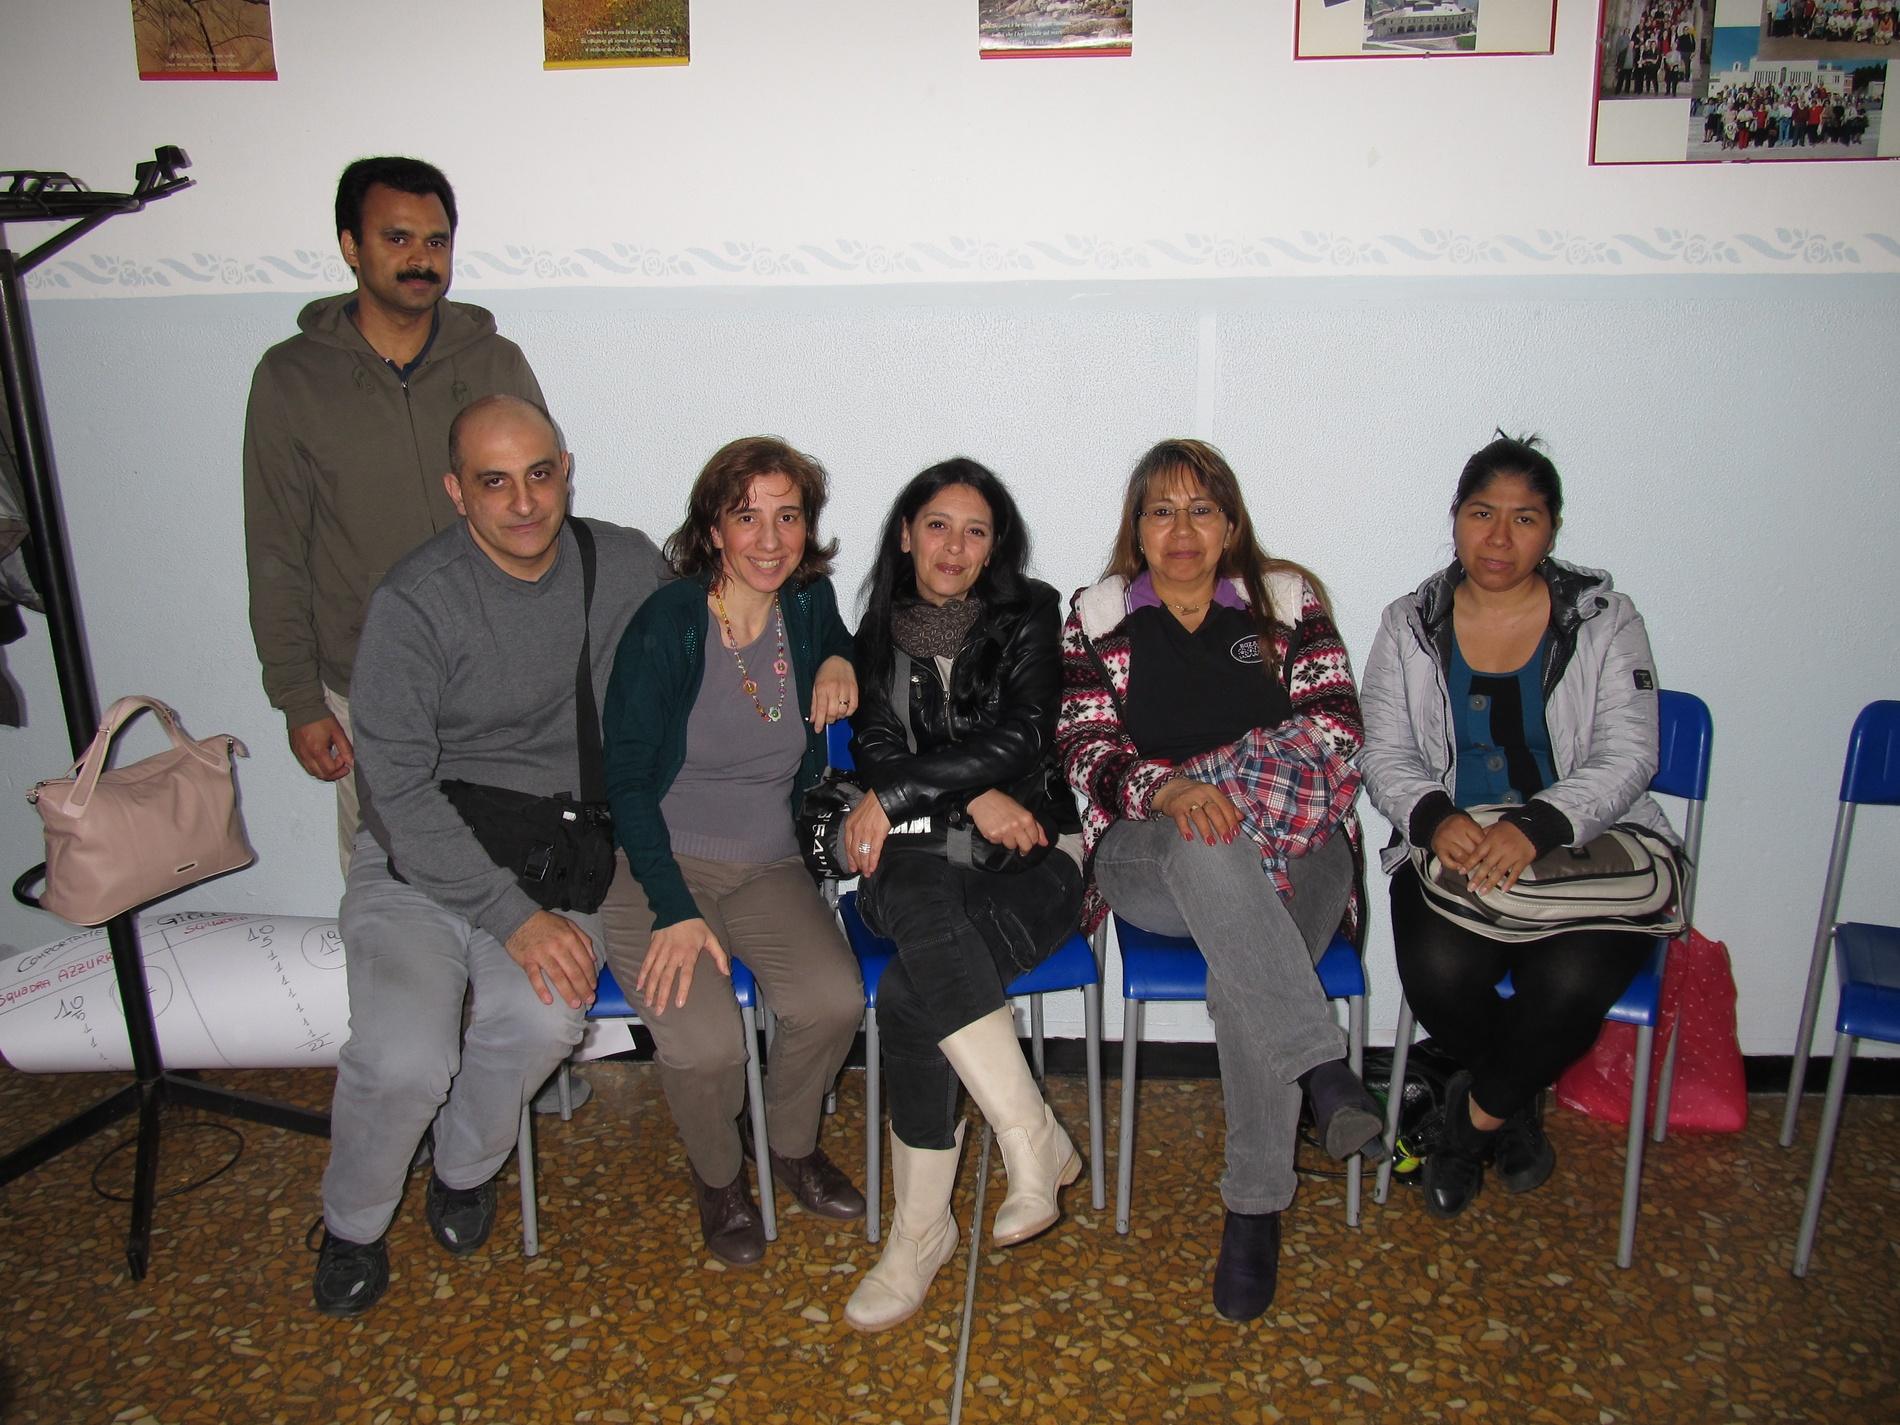 cena-famiglie-prima-comunione-2015-04-17-19-50-59_0